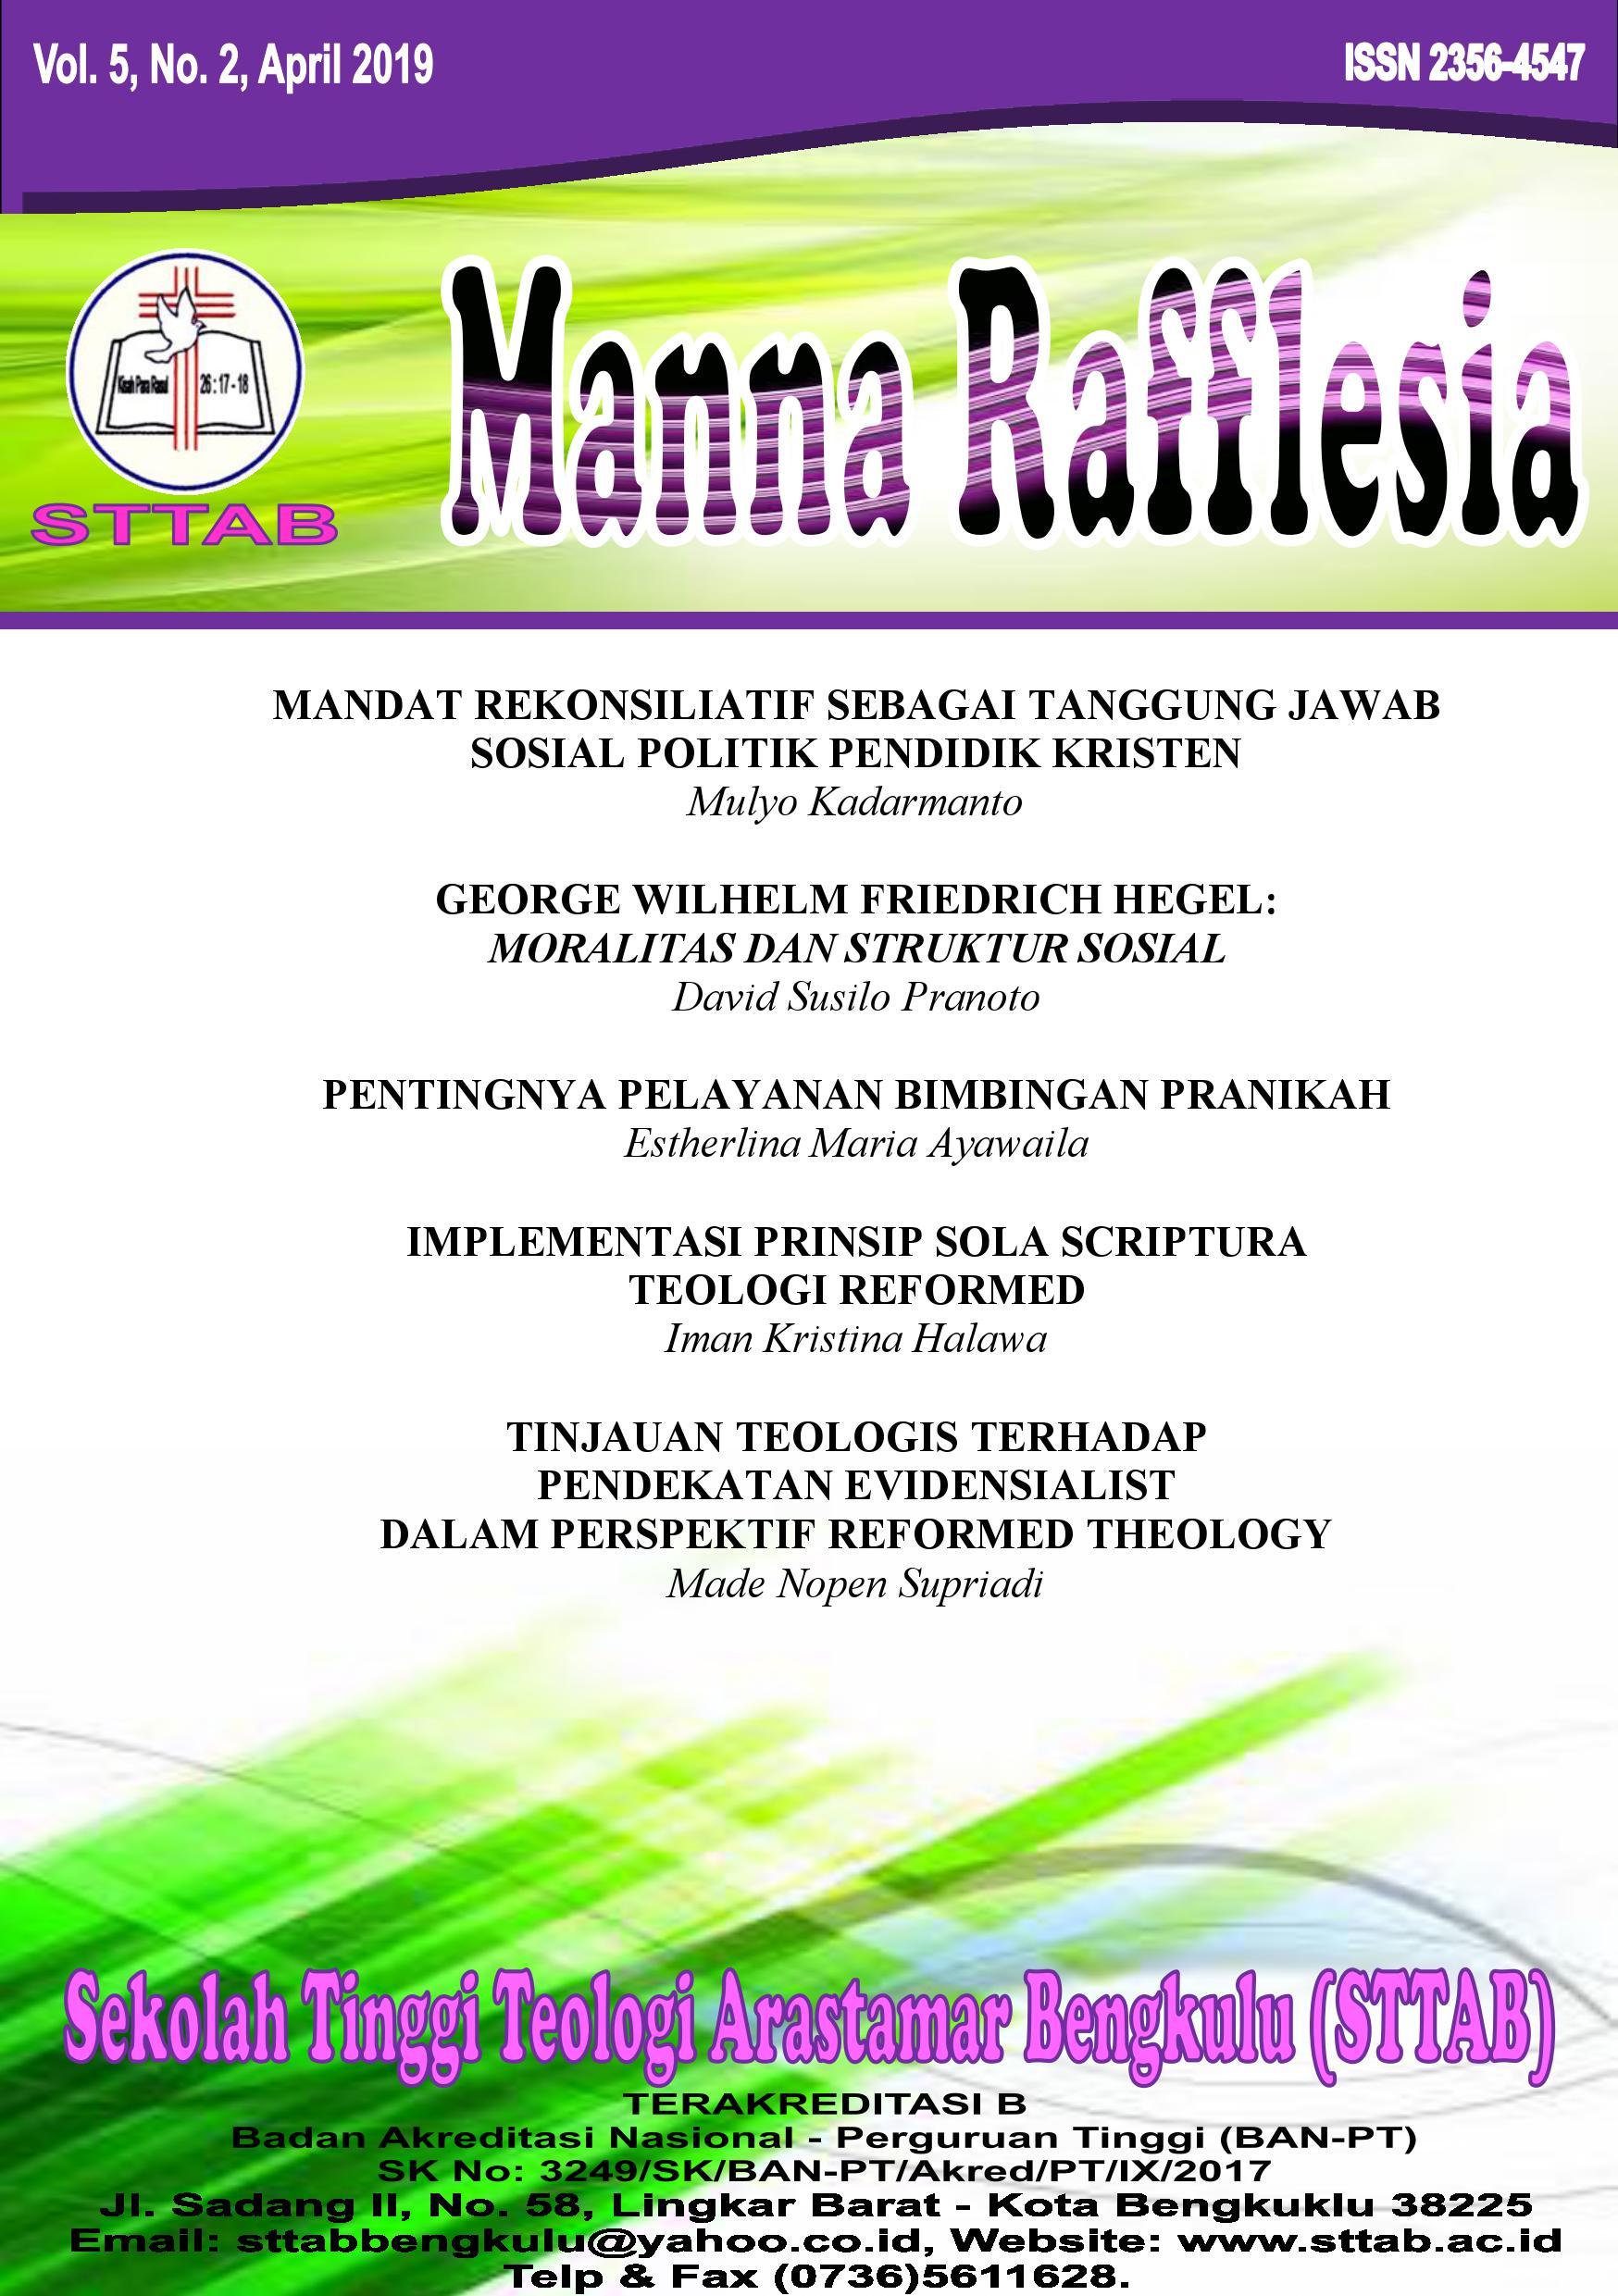 manna rafflesia cover 5.2